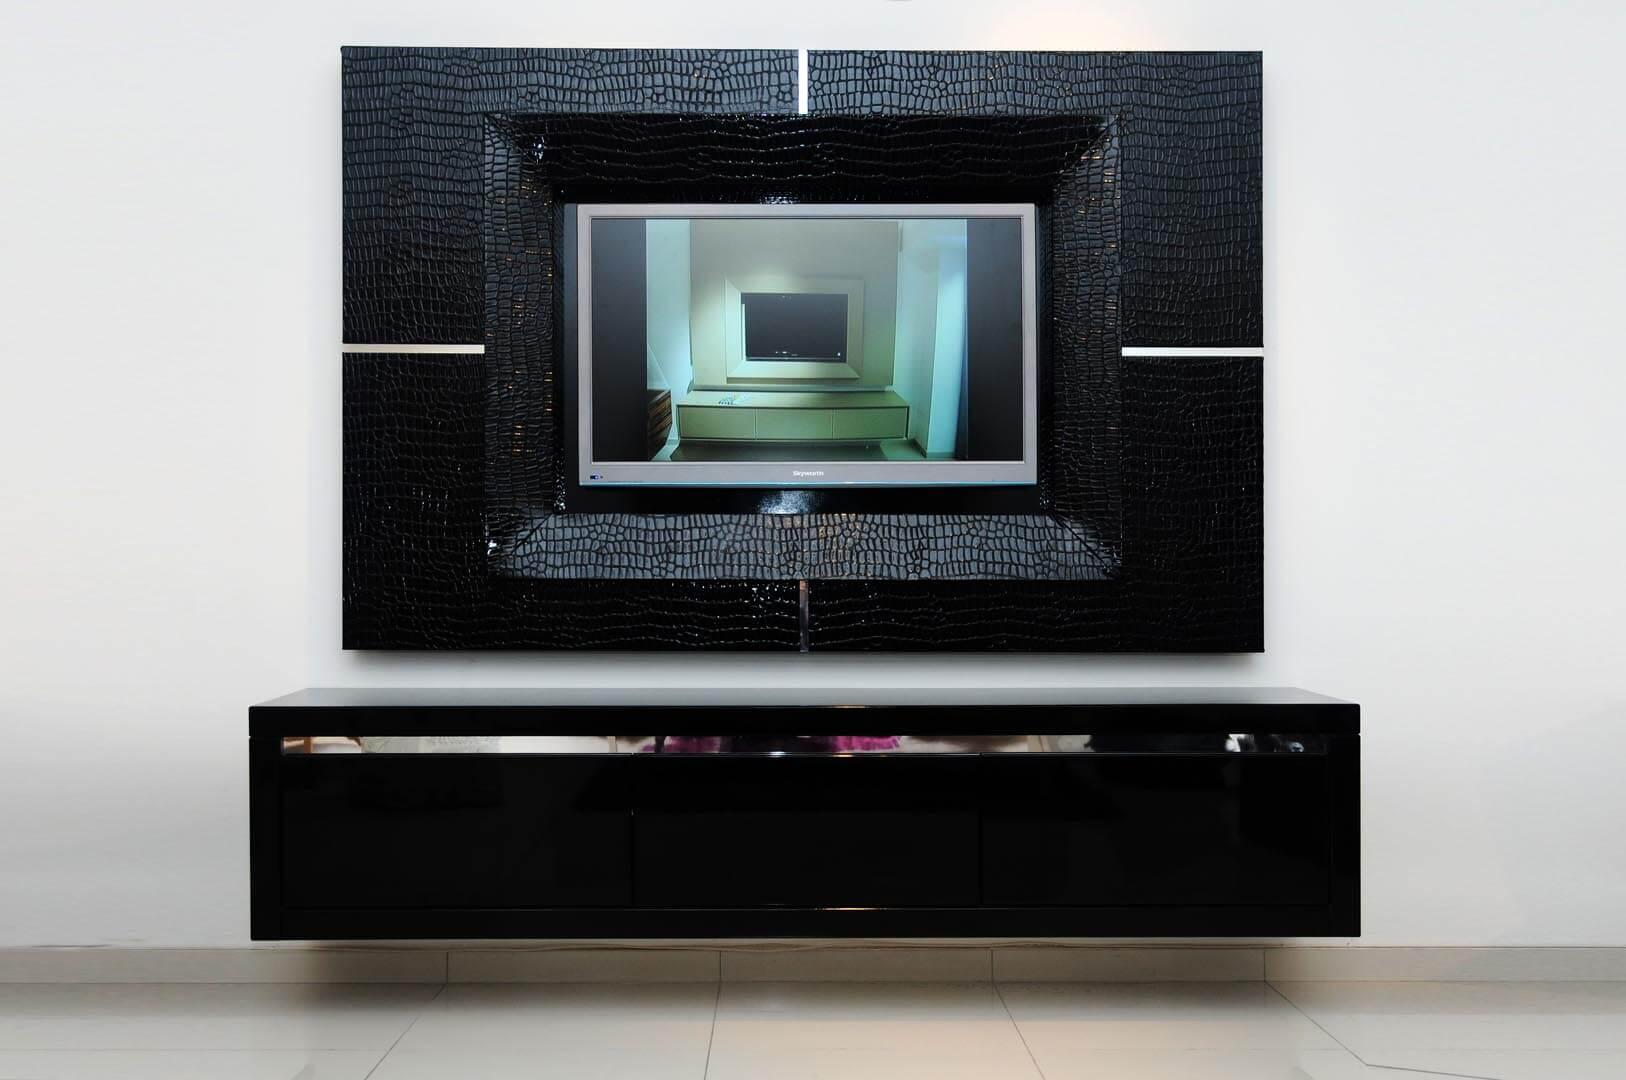 מסגרת לטלויזיה דגם קרוק (שחור)